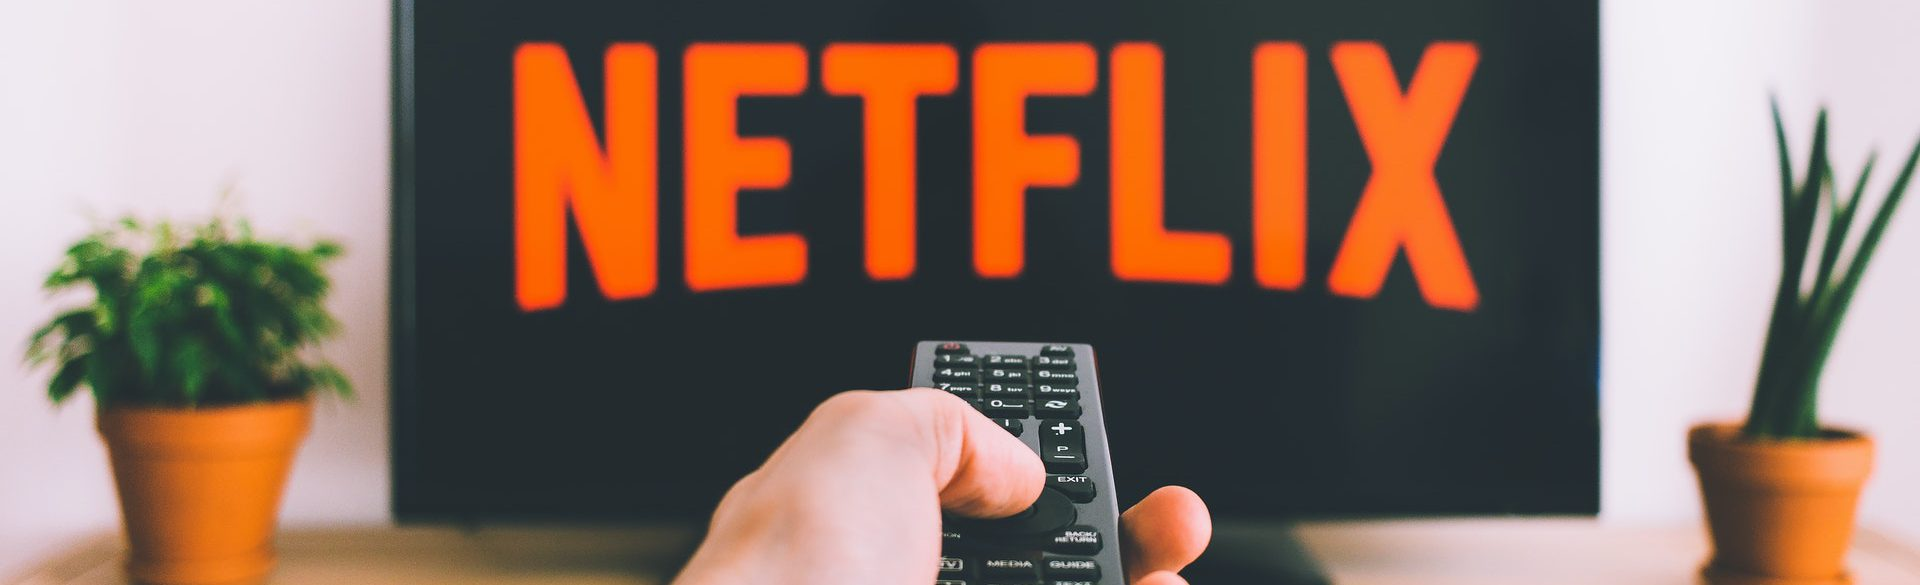 streaming platforms subtitles